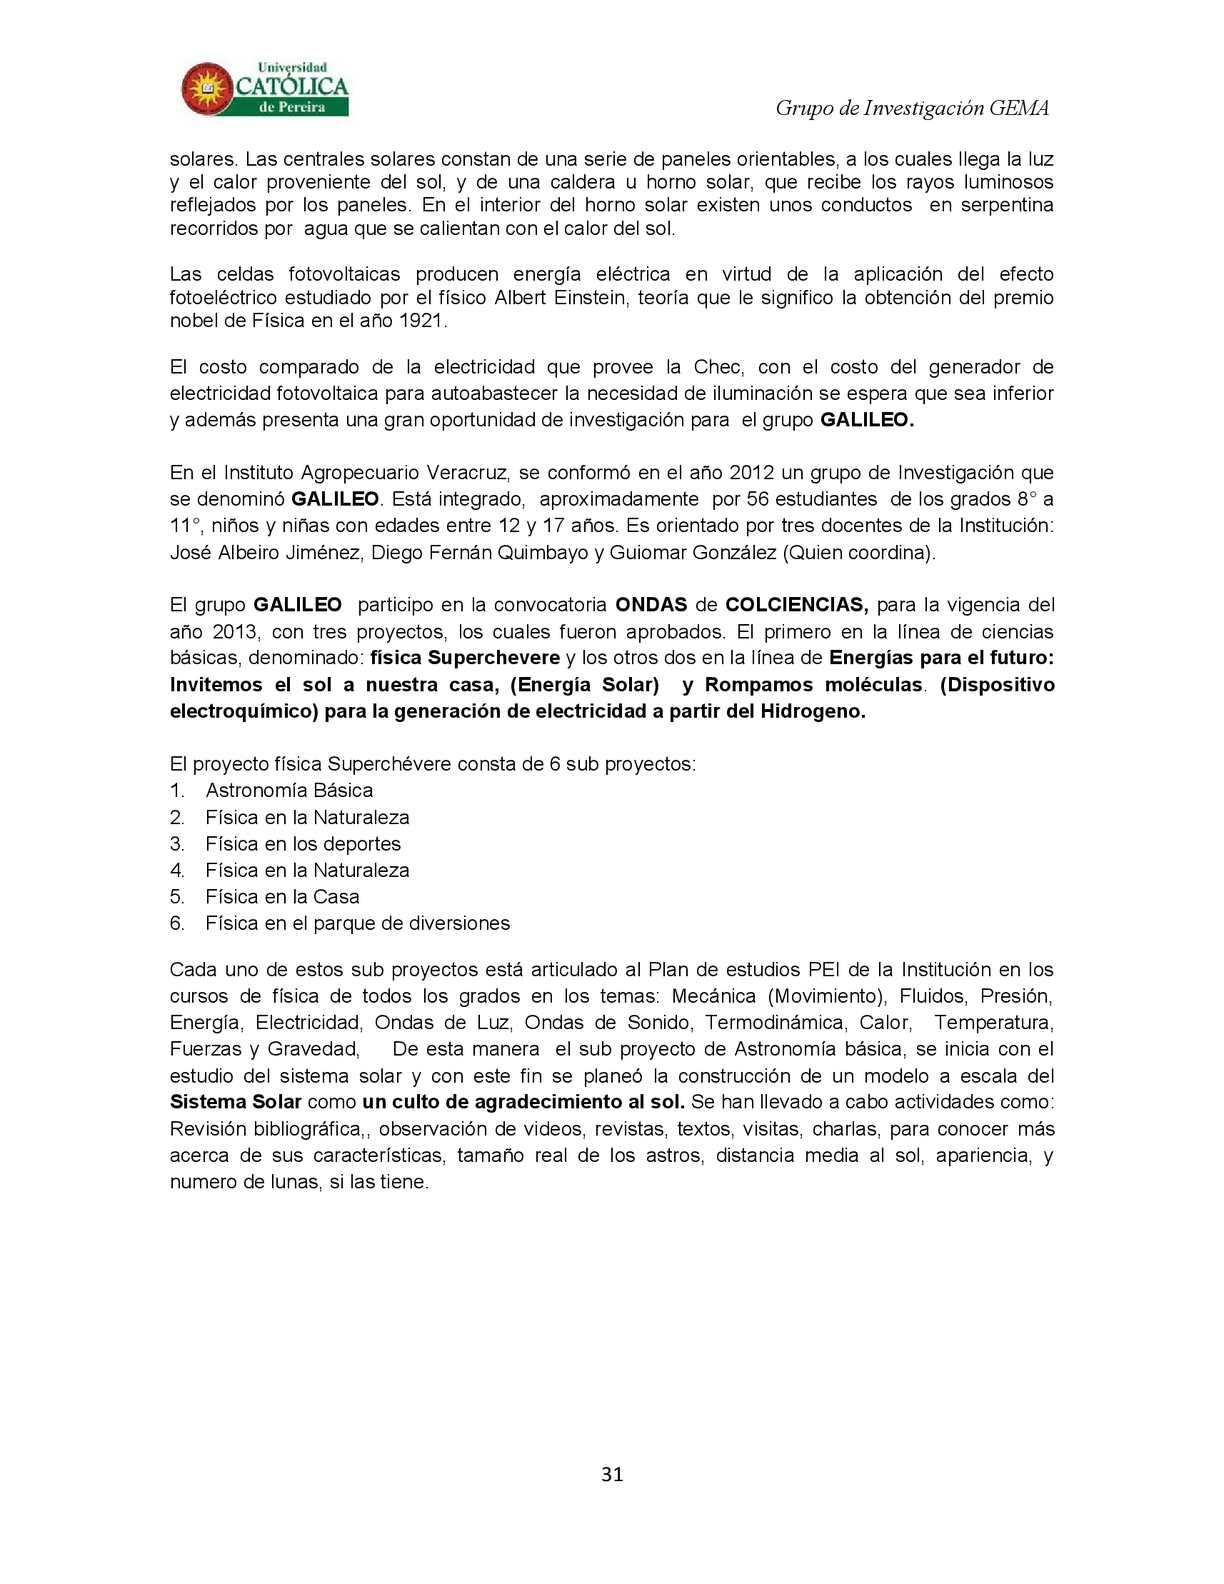 Memorias 2013 7 Feb 2014 R Calameo Downloader